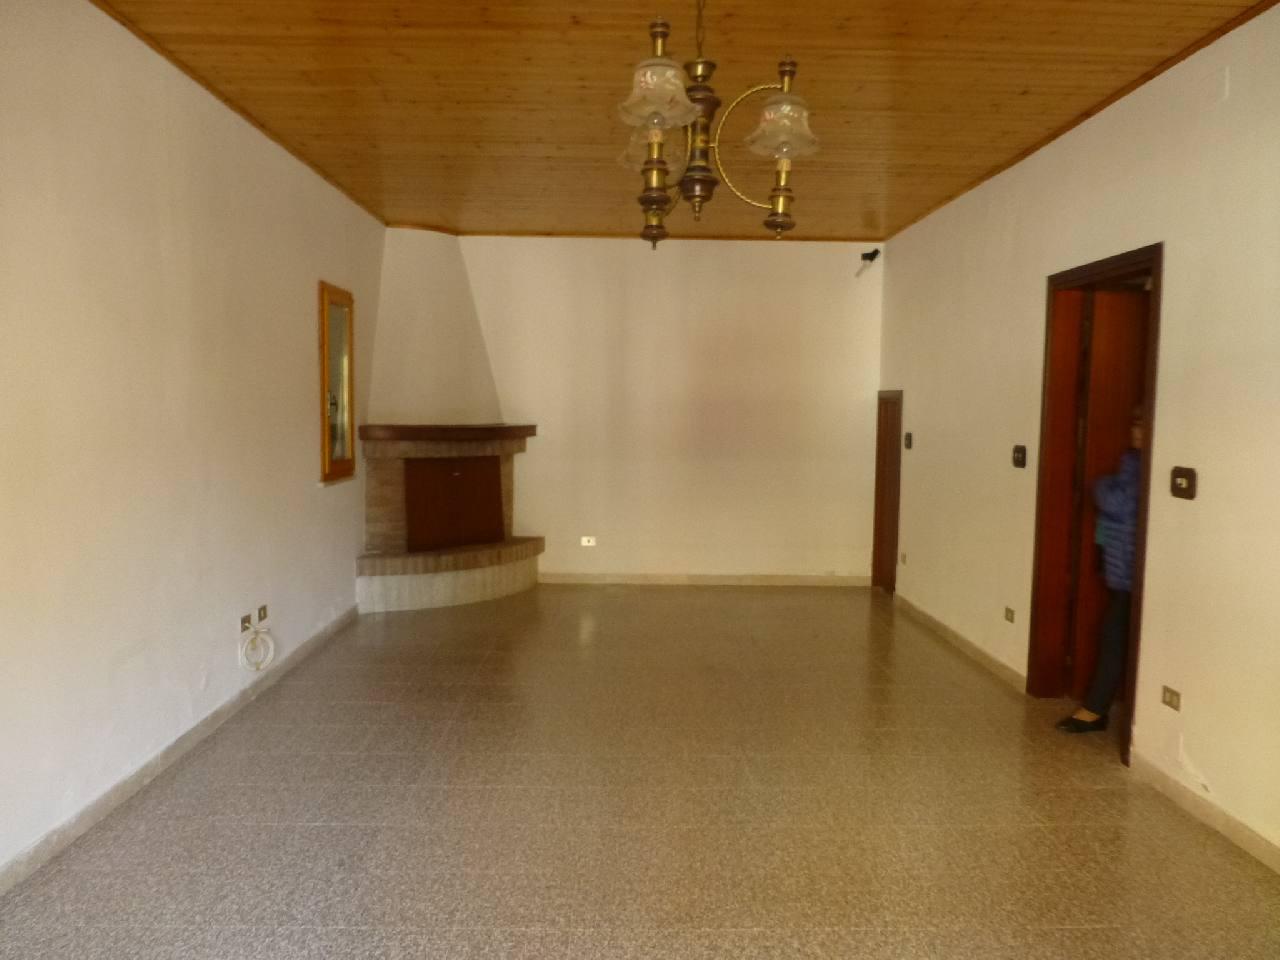 Appartamento MASI TORELLO vendita  Masi Torello  Le case Intermedia